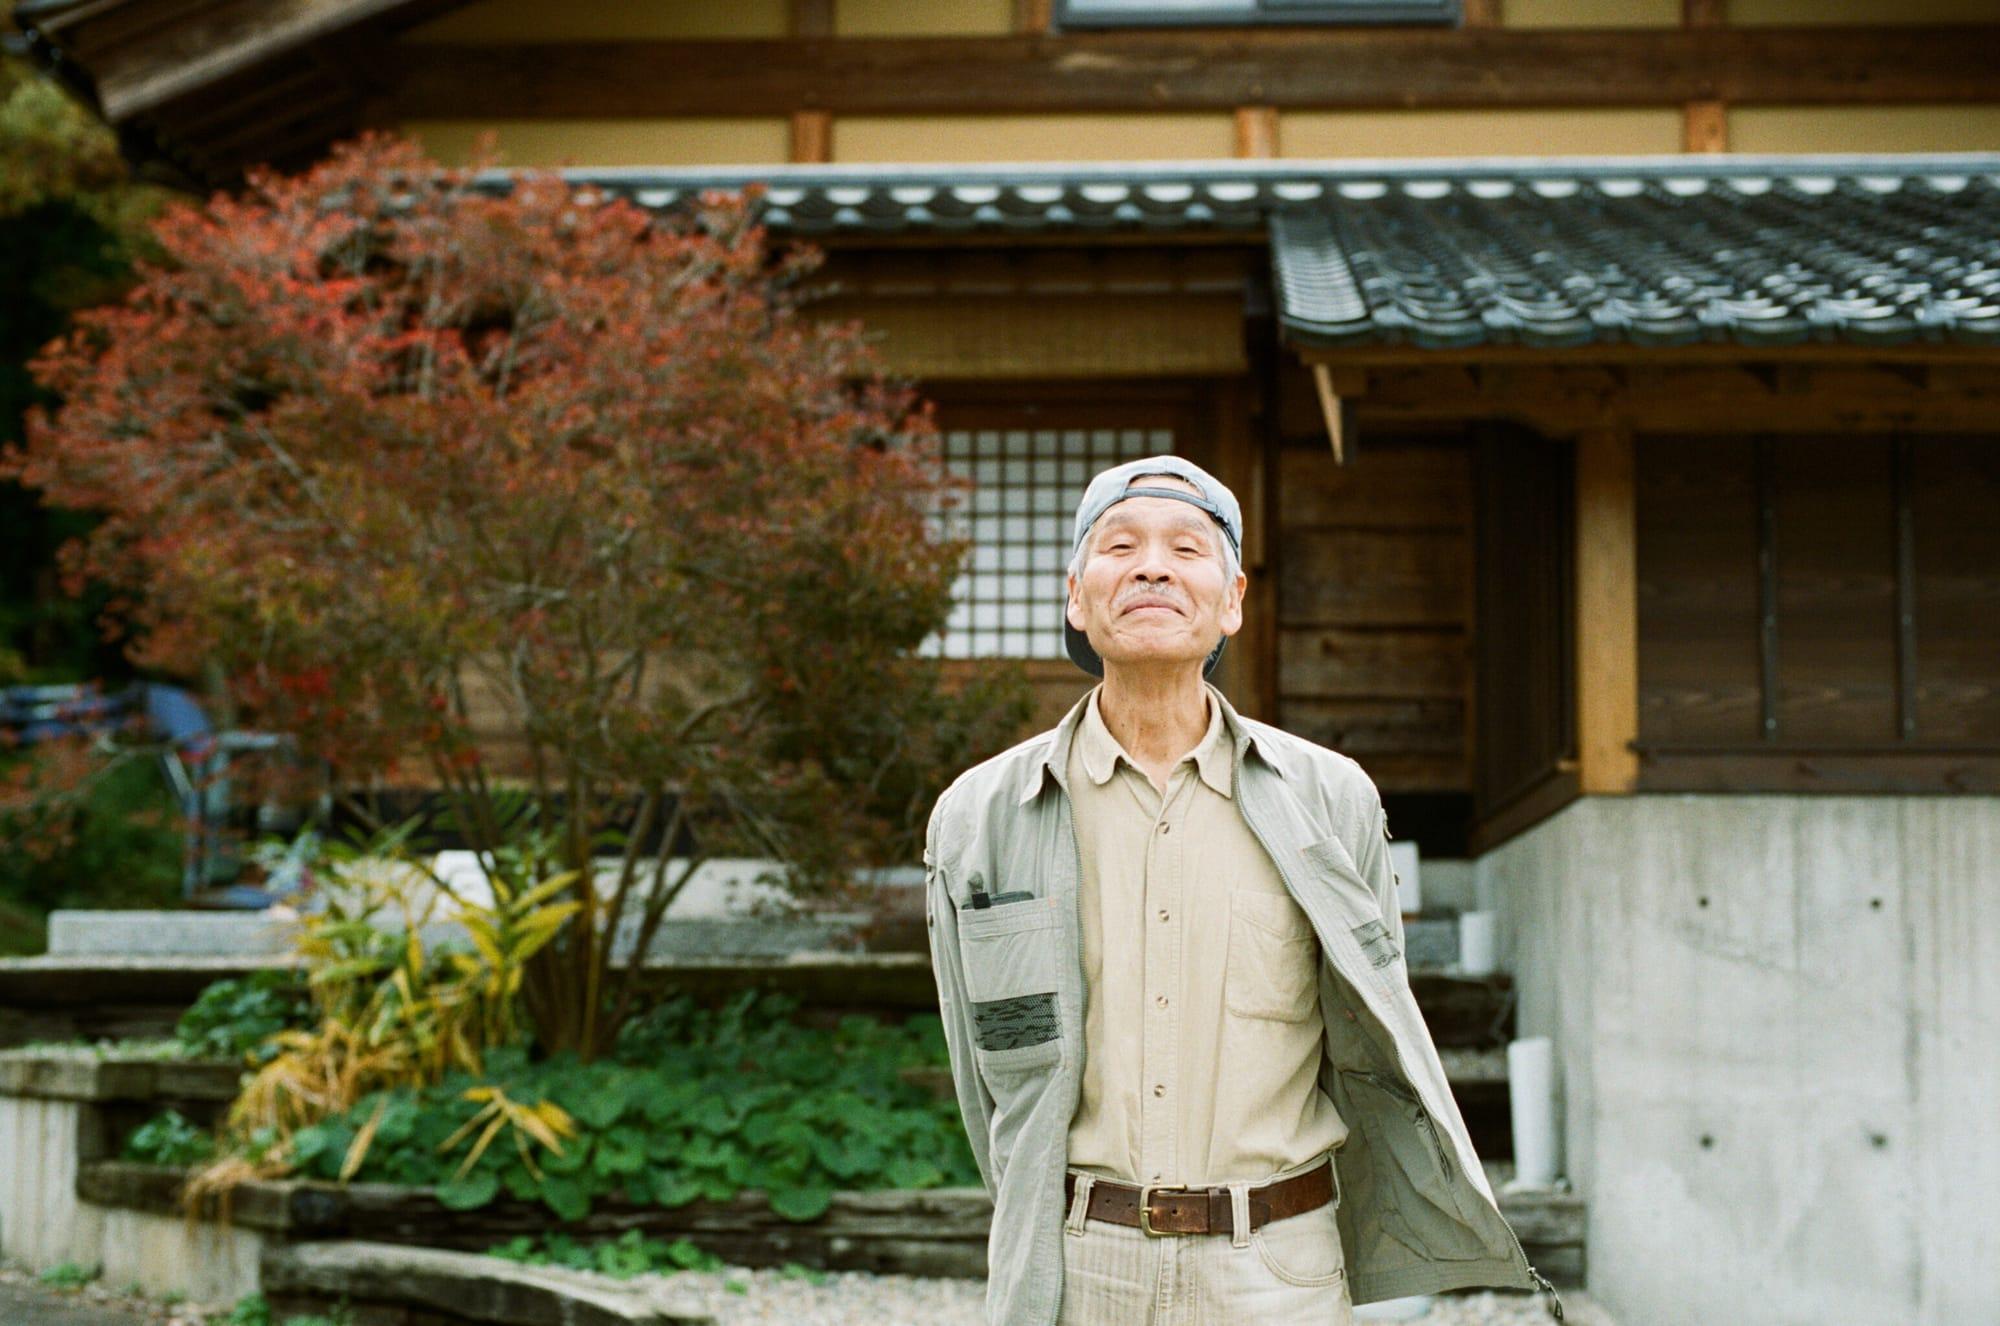 木と泥と土で家をつくった古本さん。「俺は塚本くんの風景やから」と快く取材に応じてくれた。